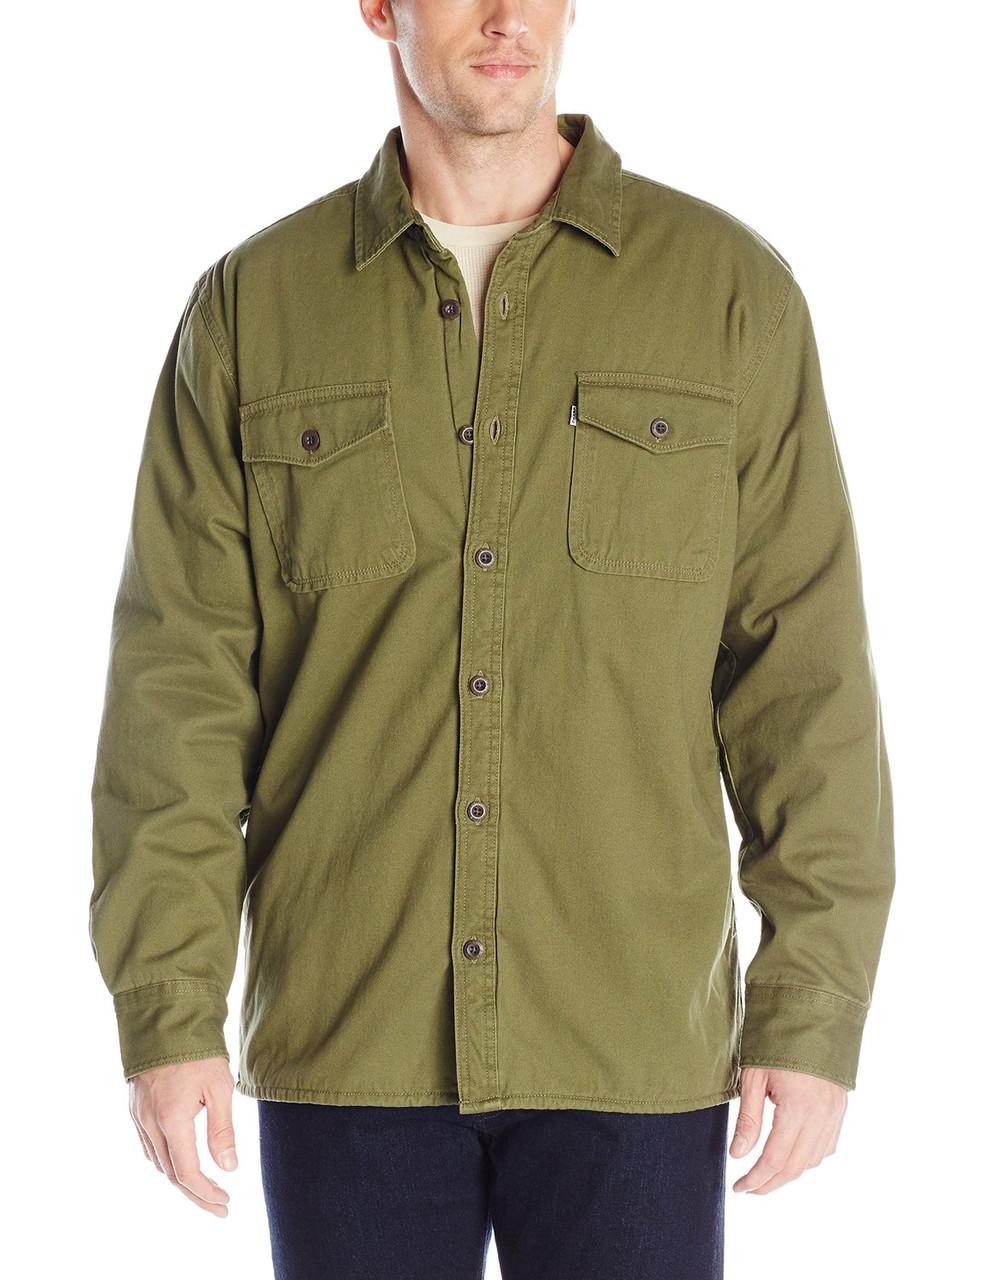 Куртка Levi's Rittner, S, Dark Olive, 3LYLW7252